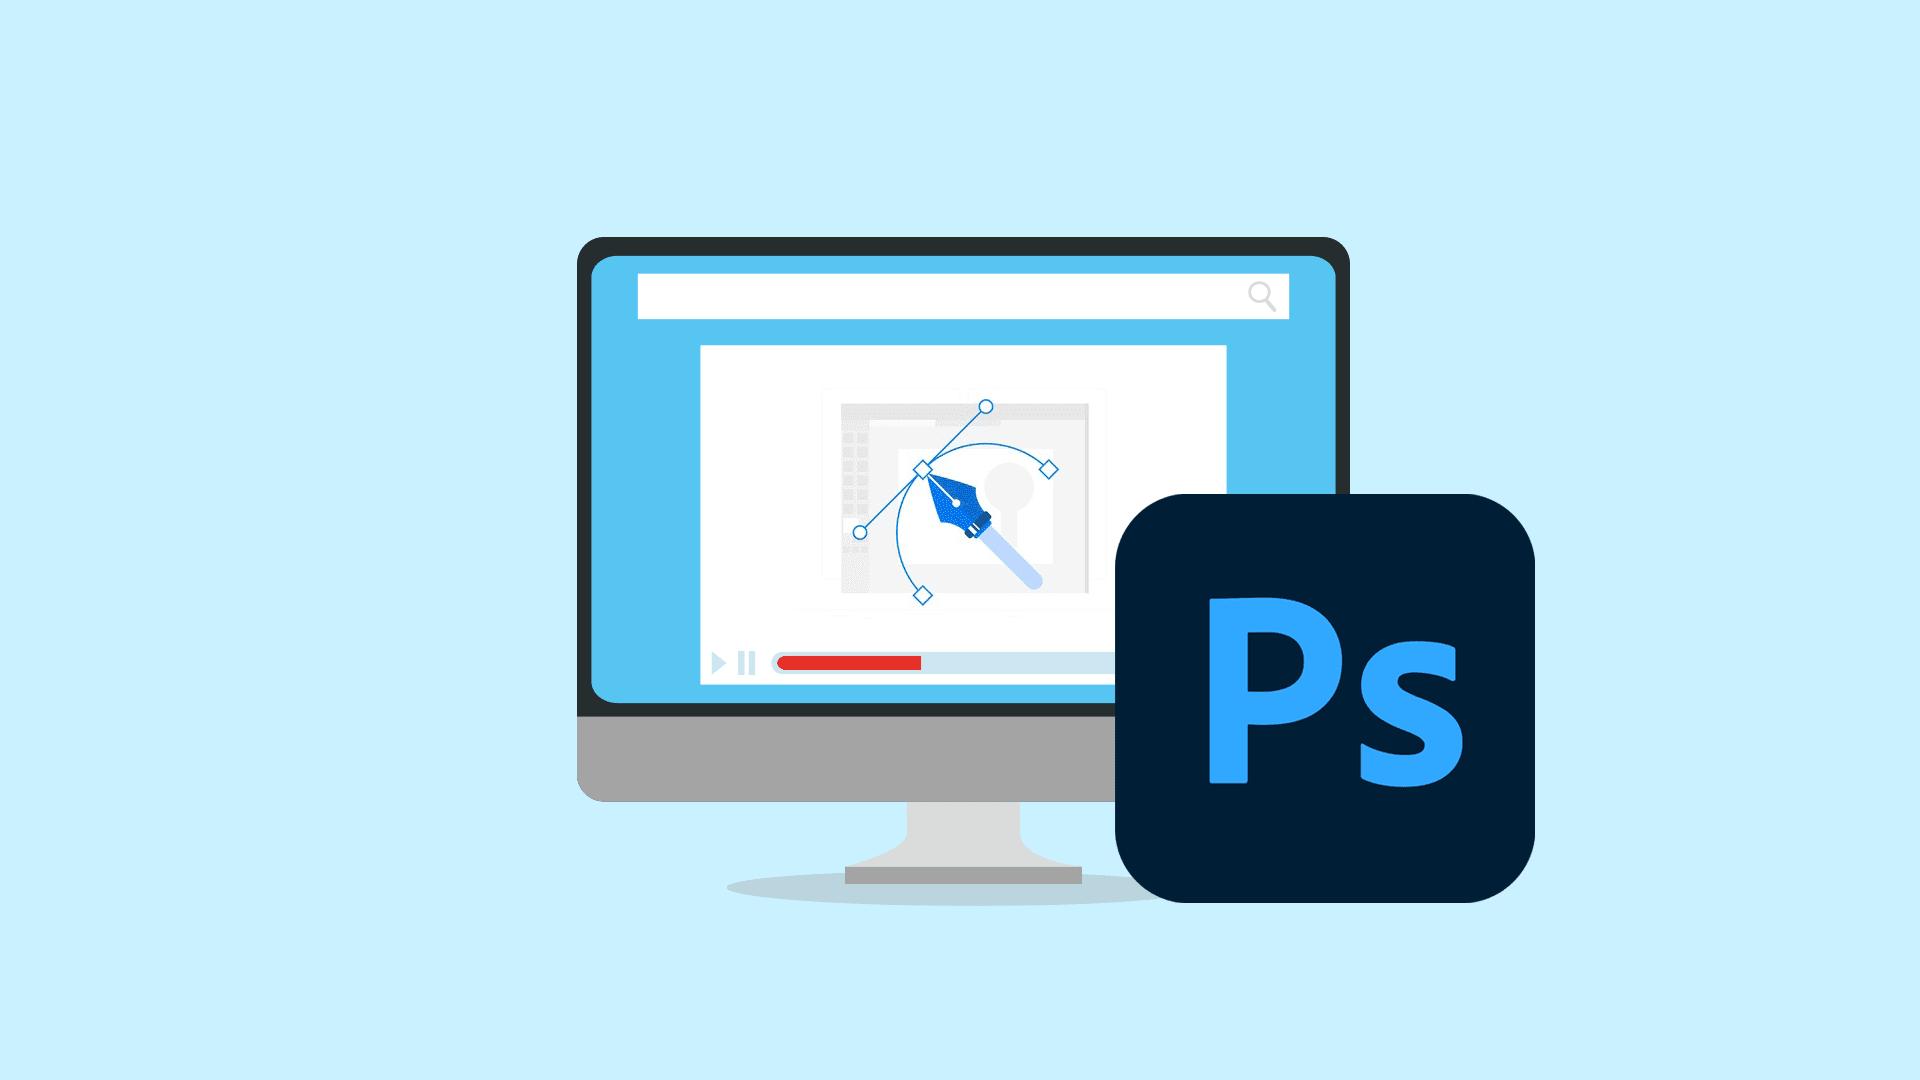 آموزش فتوشاپ Photoshop – پیشرفته و پروژه محور